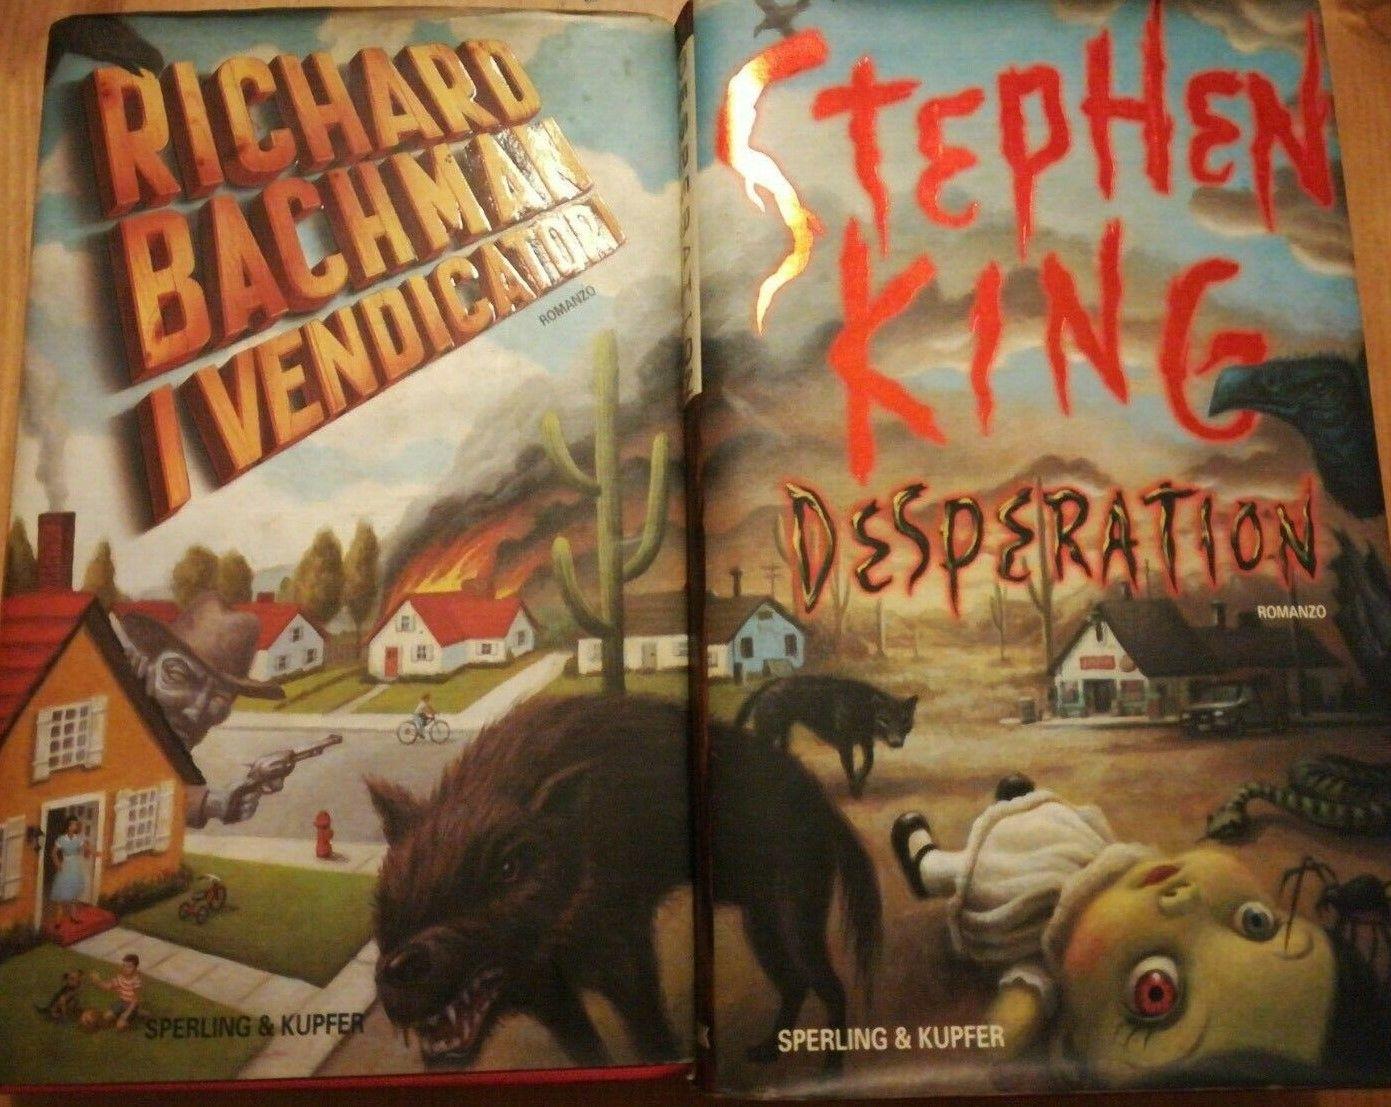 Che spettacolo: 2 libri di Stephen King con la copertina in comune!